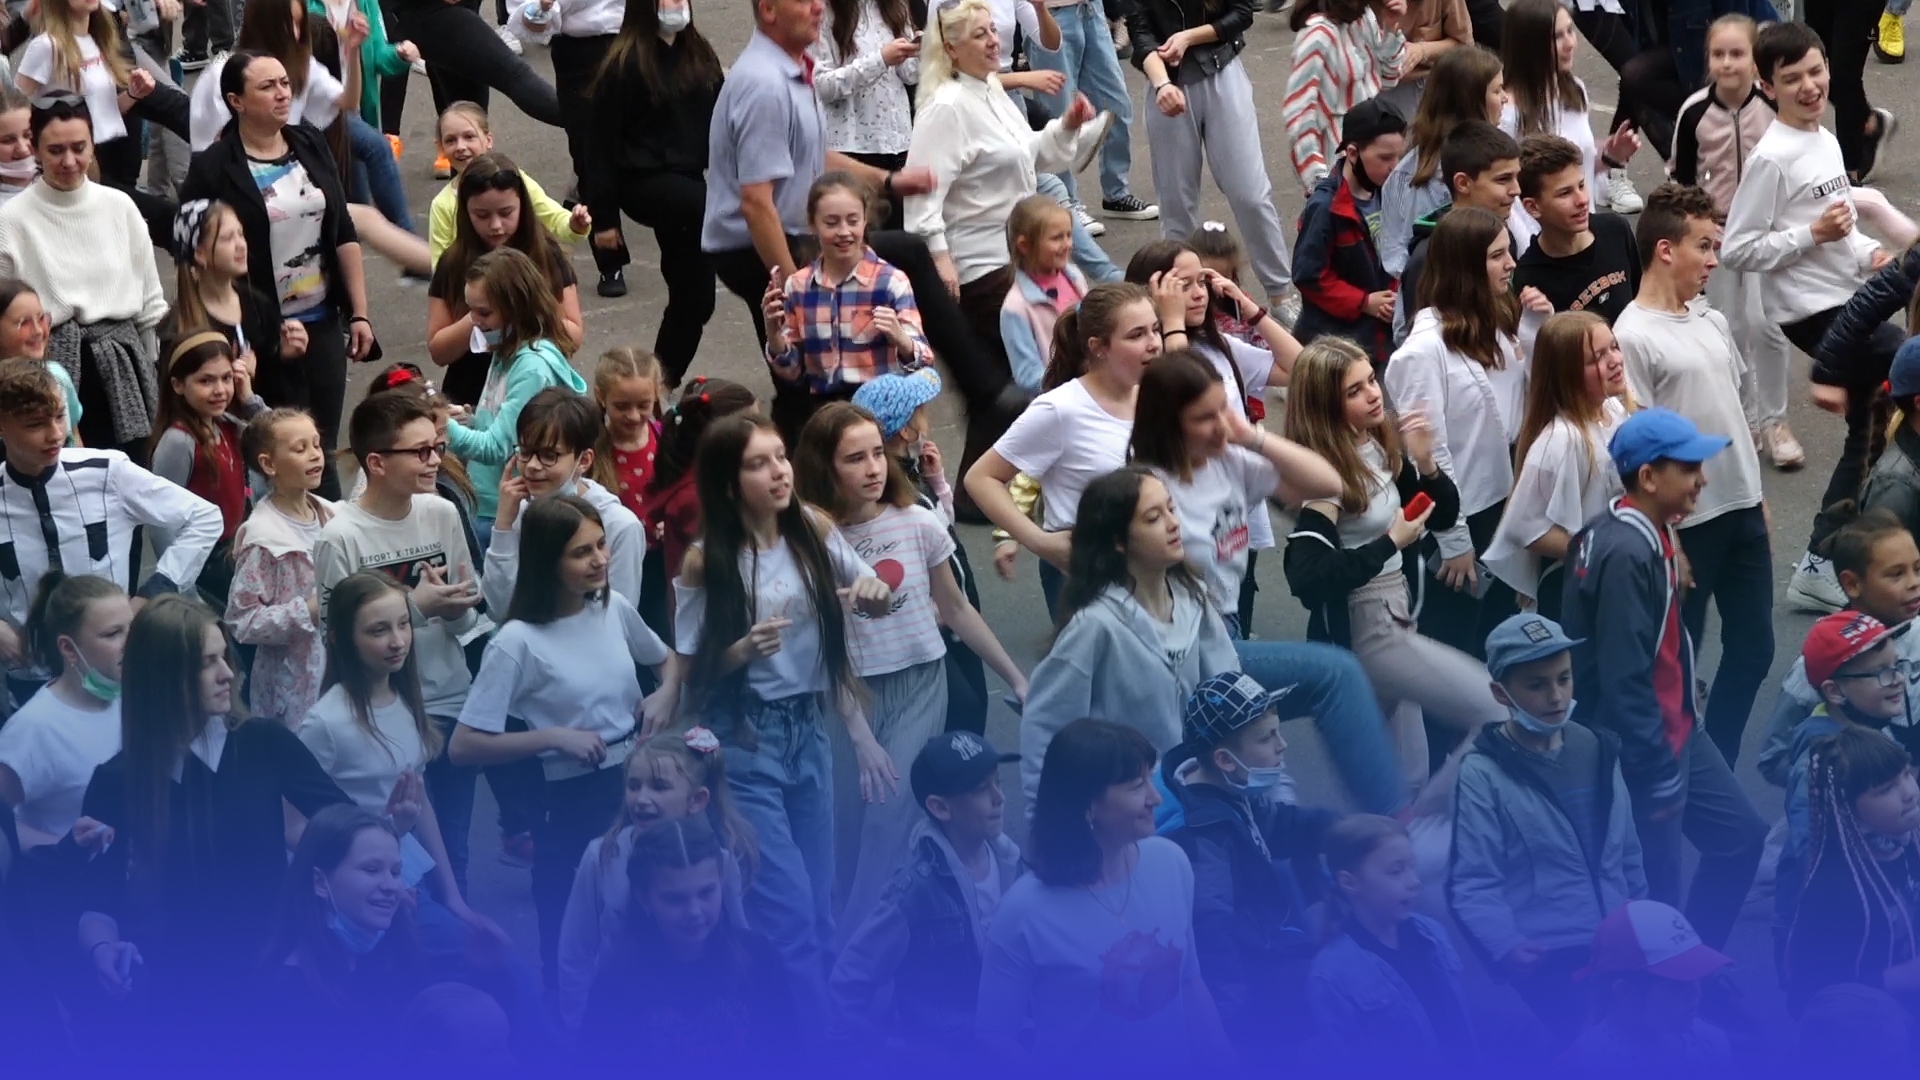 Танцюють усі: у тернопільській школі 24 педагоги та учні активно проводять перерви